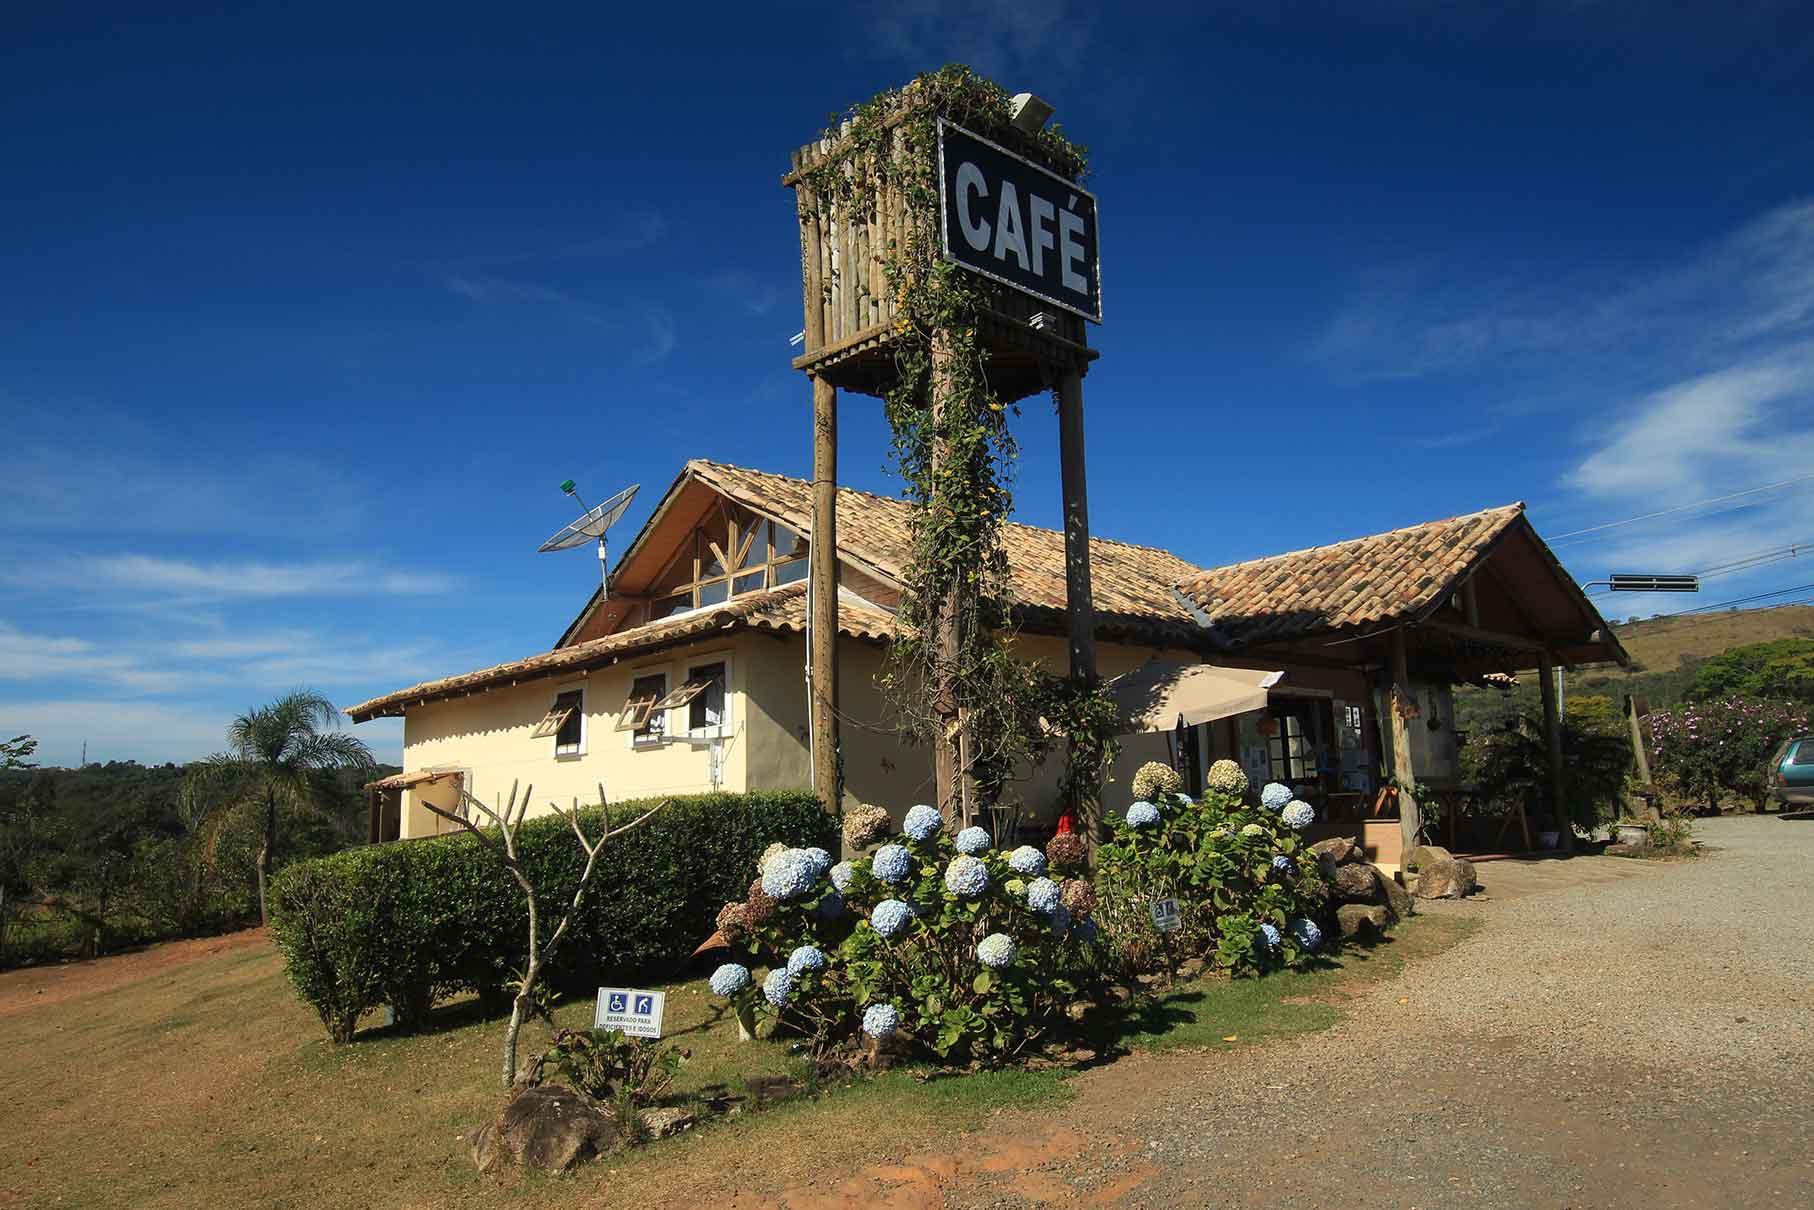 Café turismo em Atibaia-SP